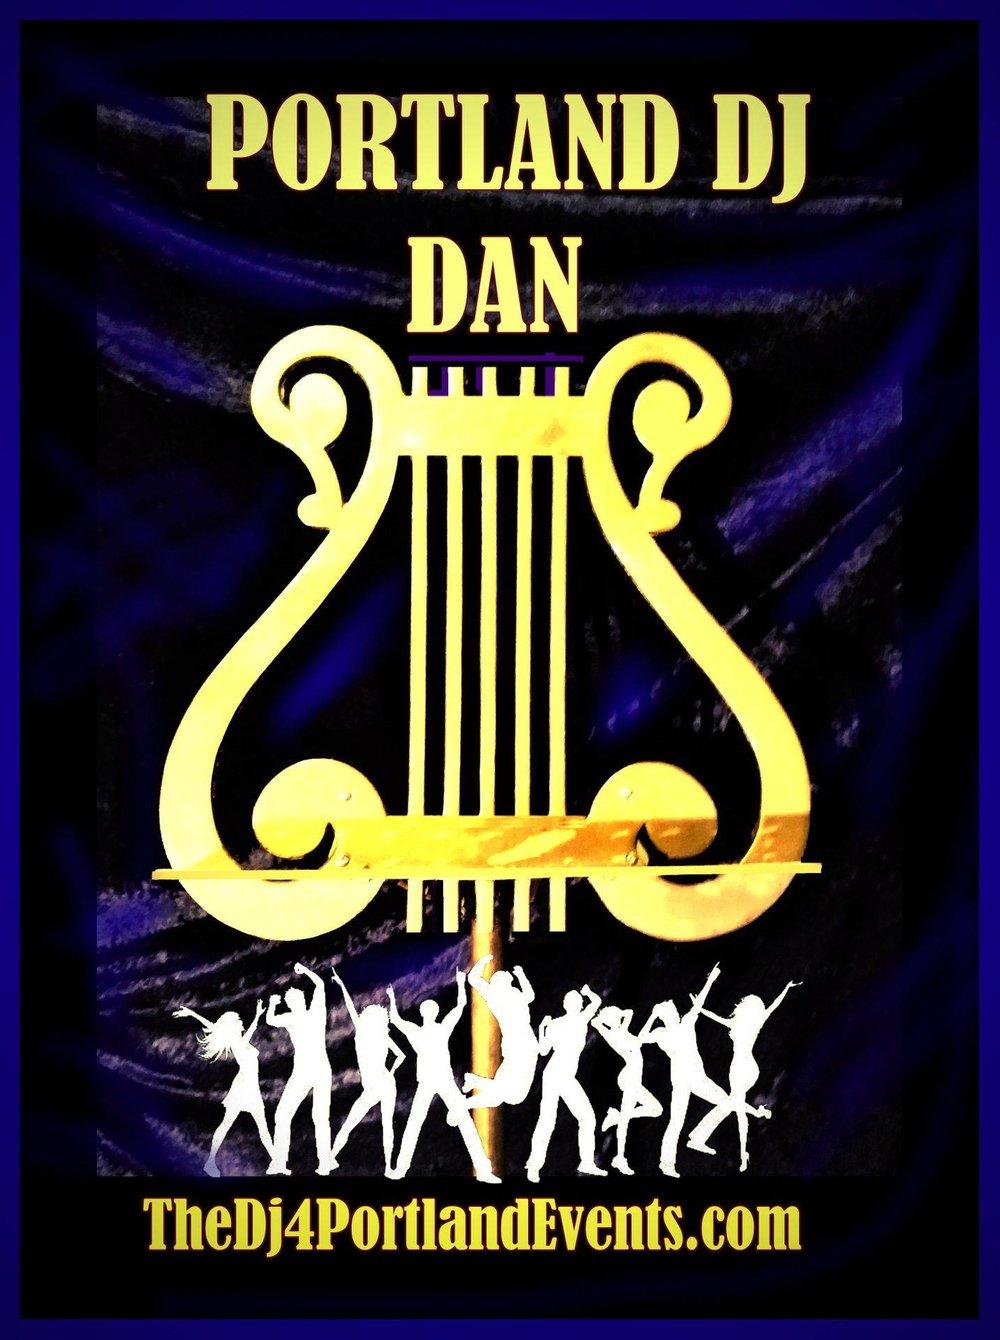 djdan_logo.jpg